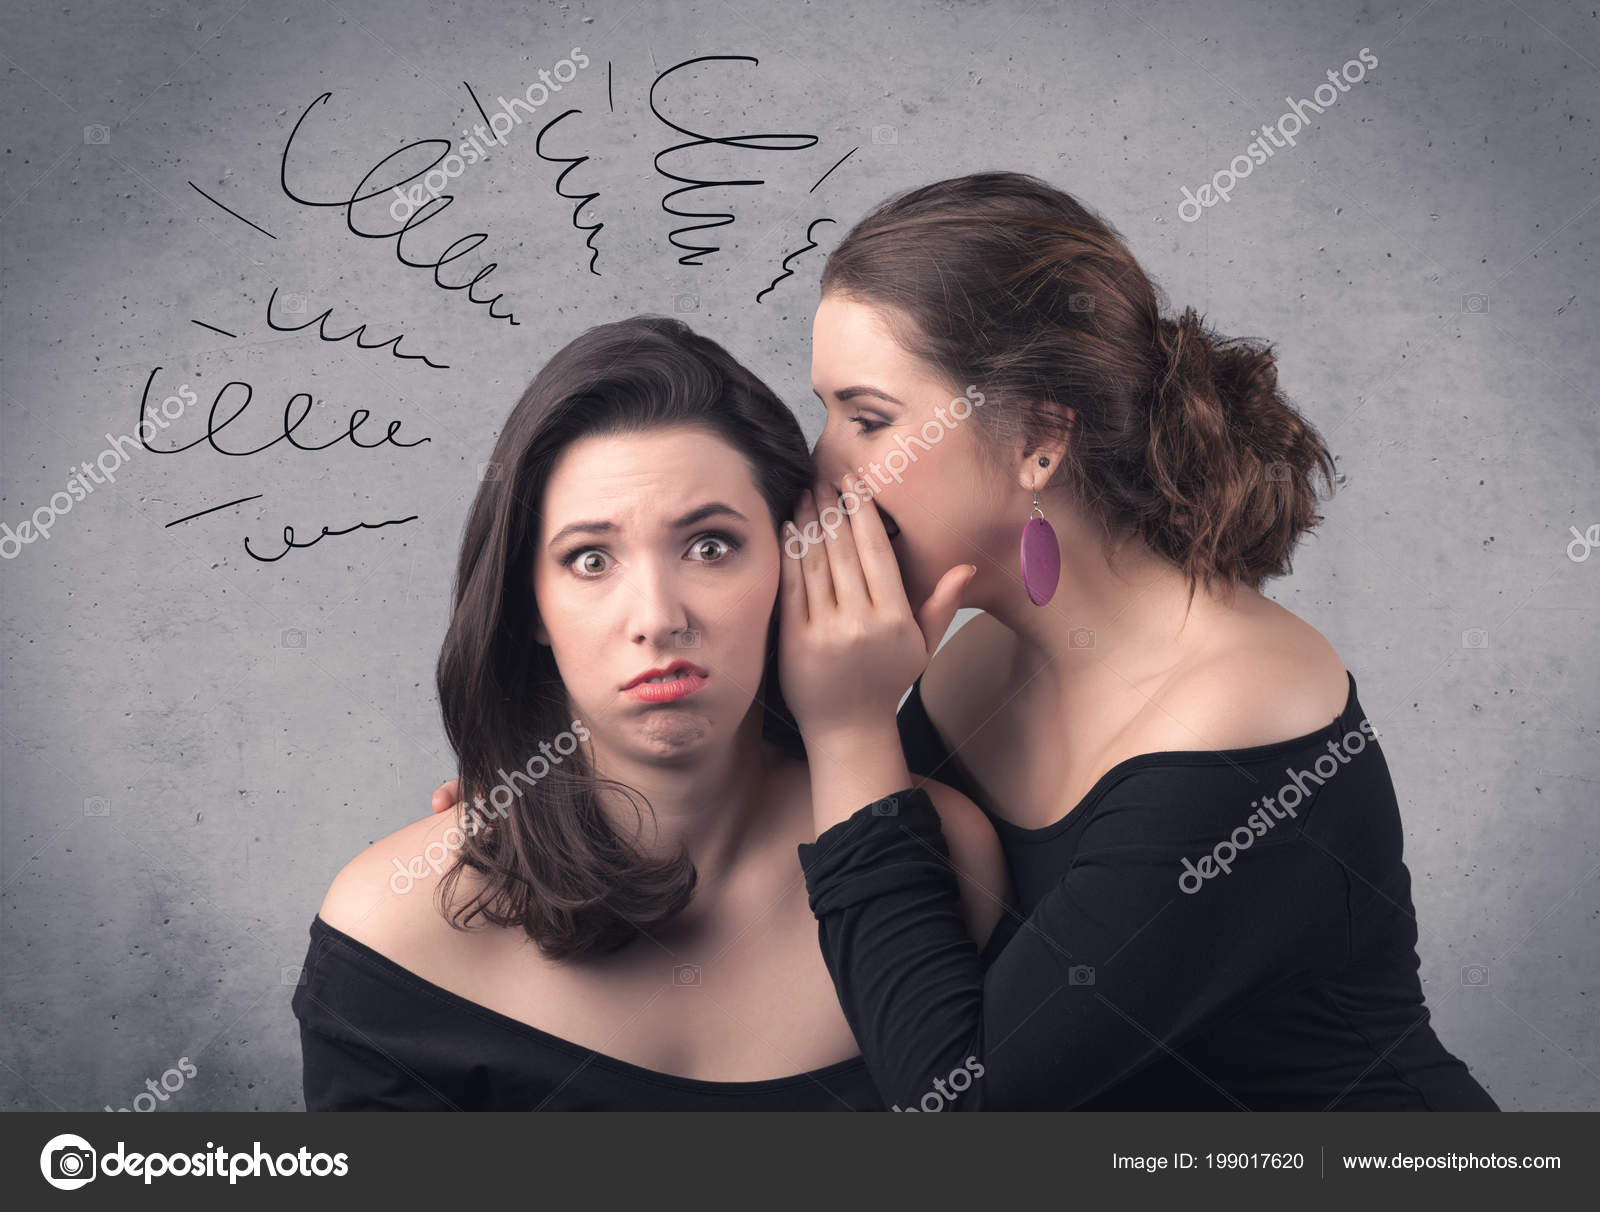 Фото две подружки в сперме, Фото сочных дырок подруги в сперме - Частные фото 19 фотография